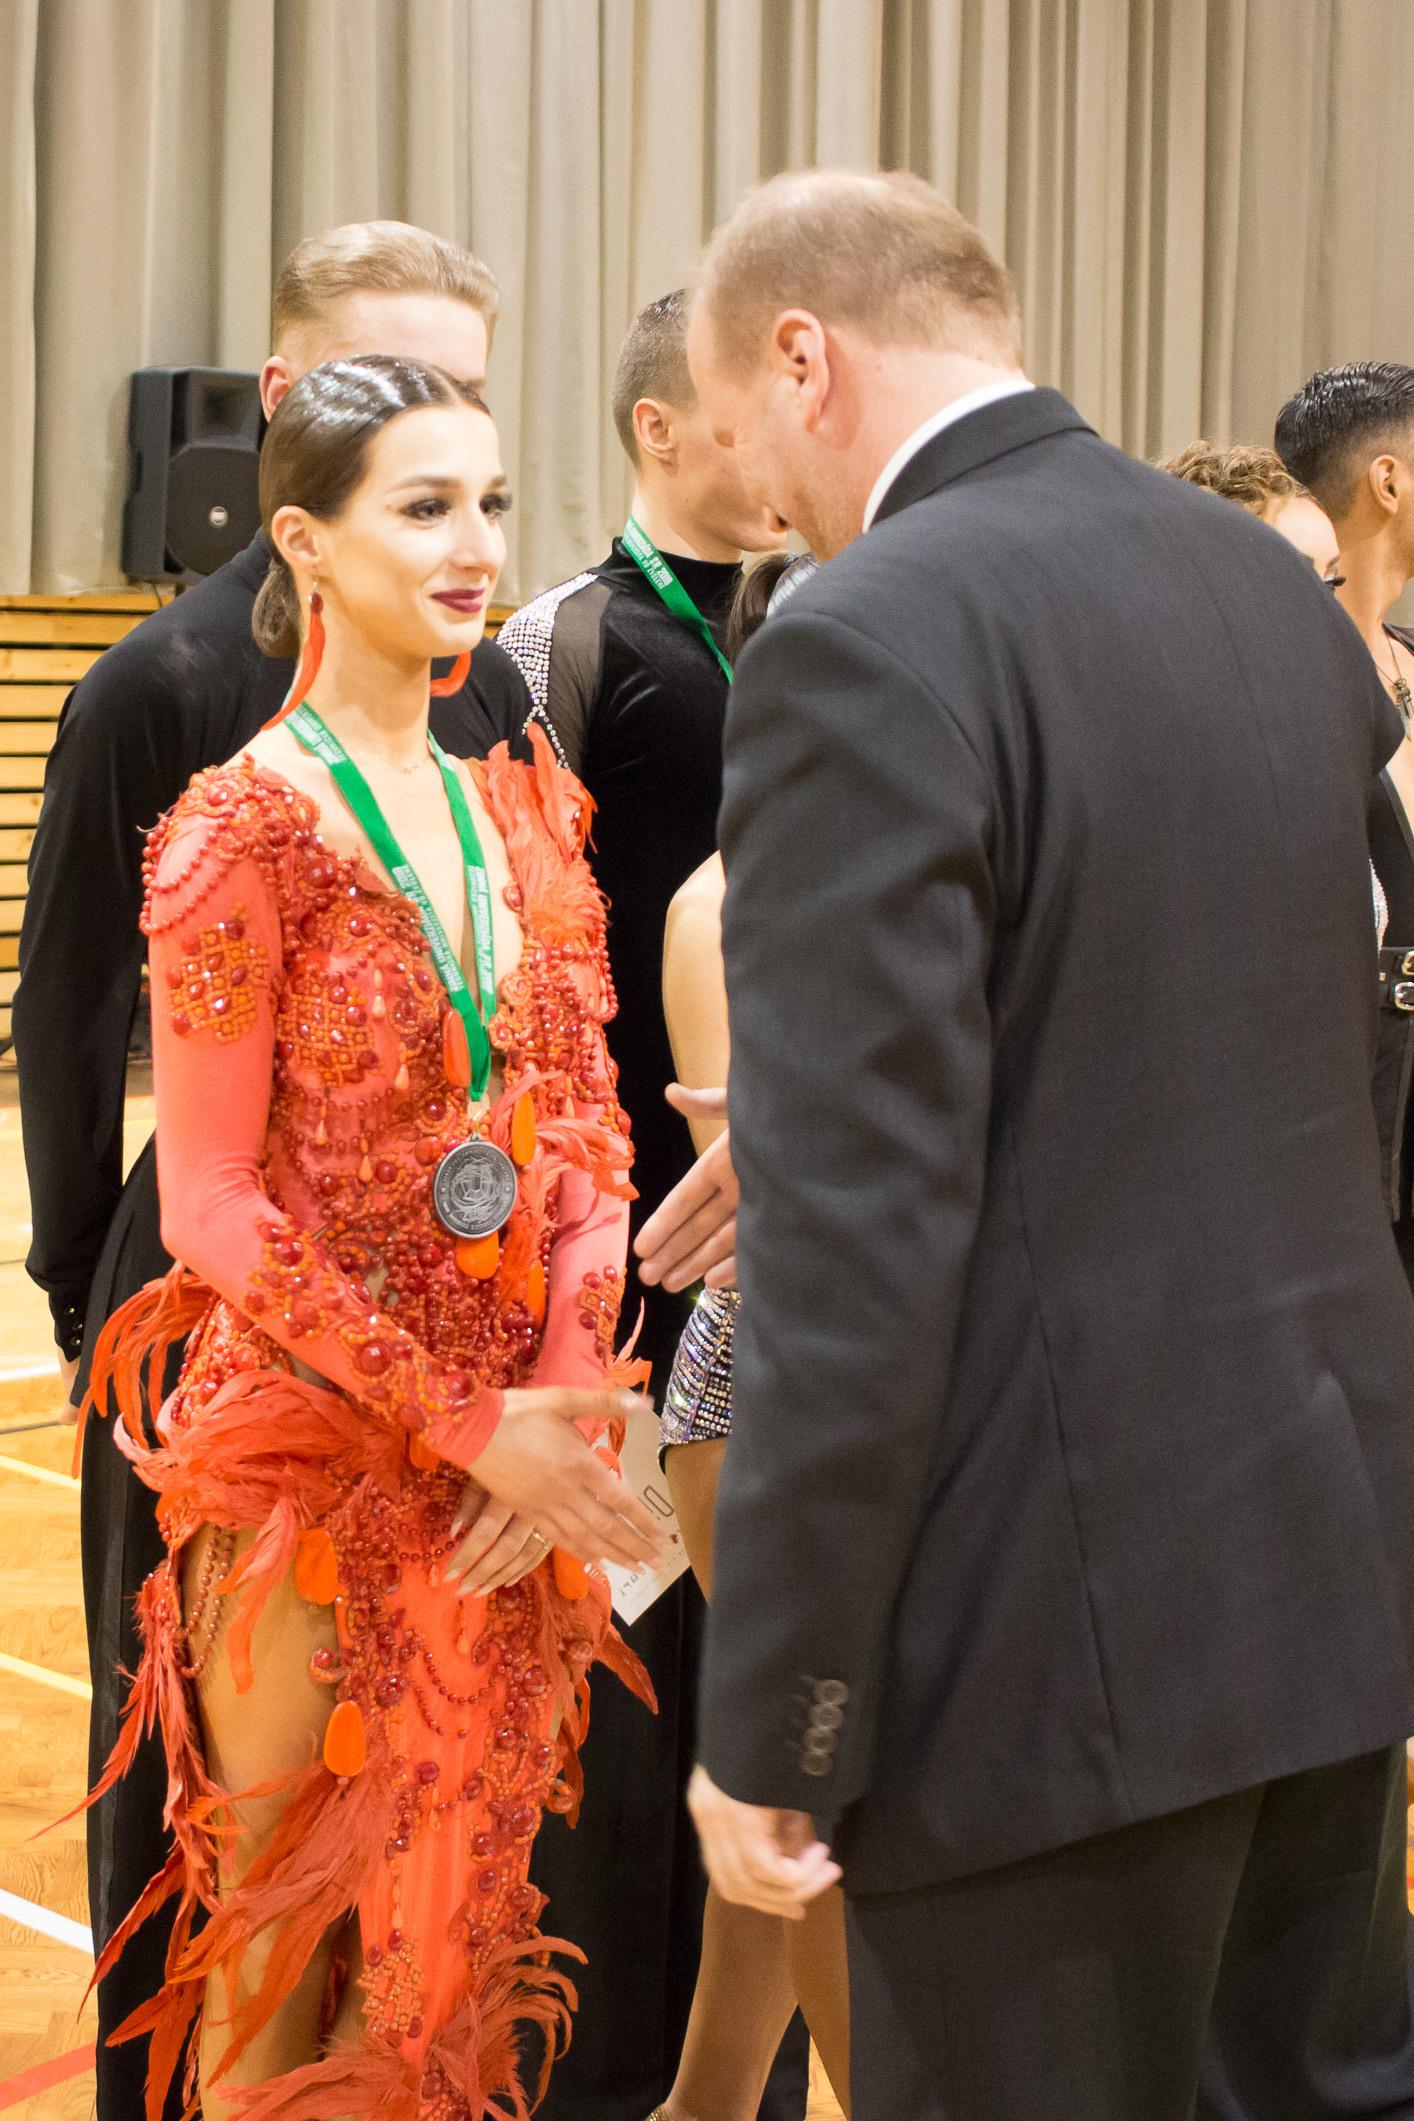 univerziada-tu-zv-tanecny-sport-22